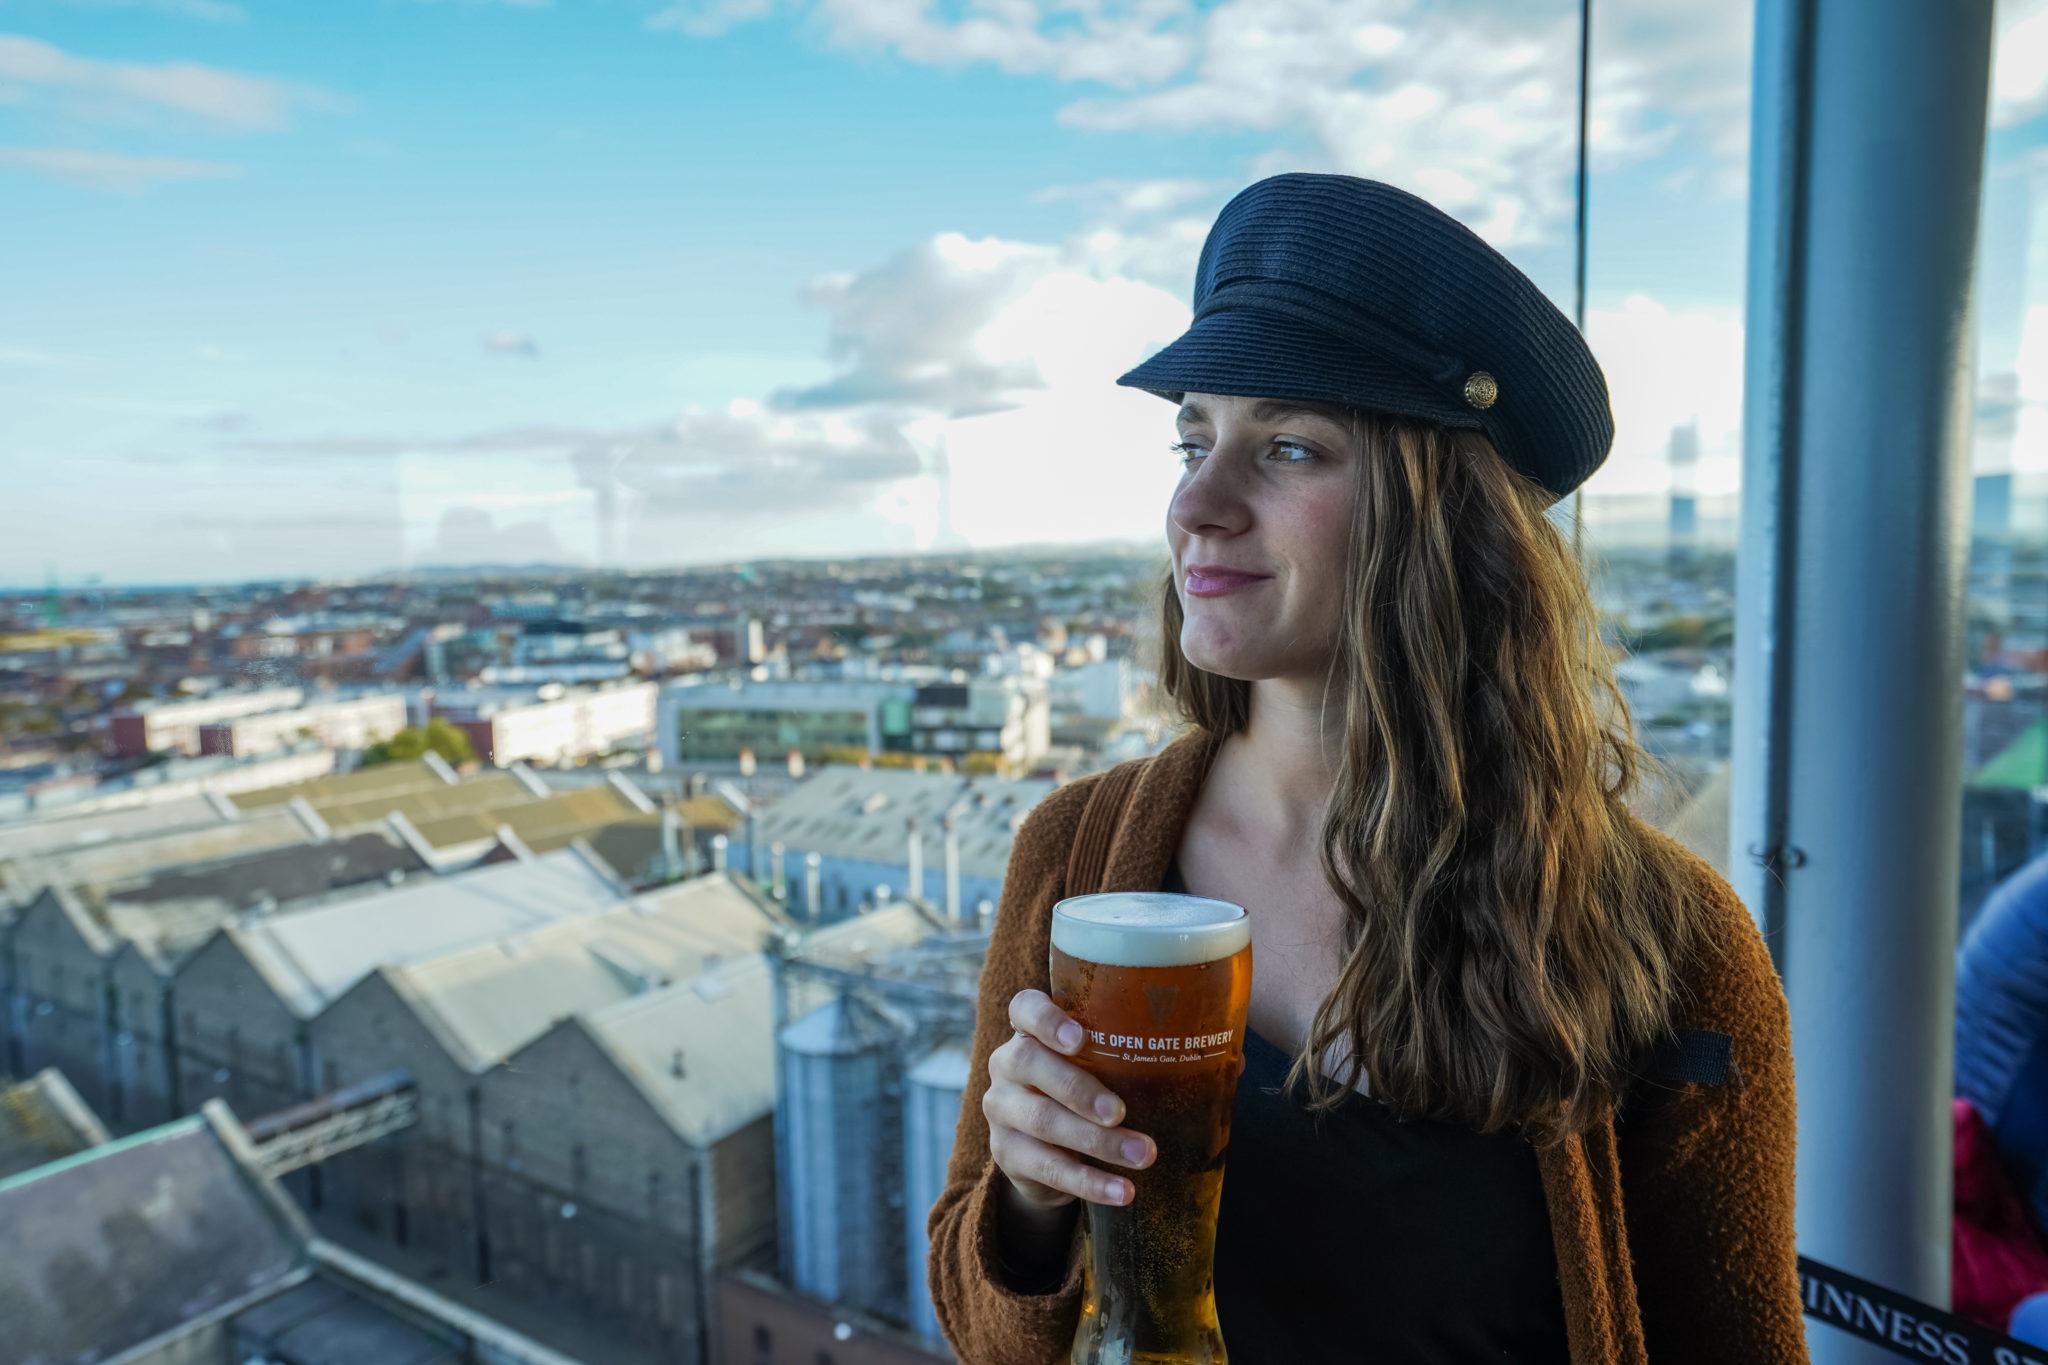 guinness-dublin-bière-irlande